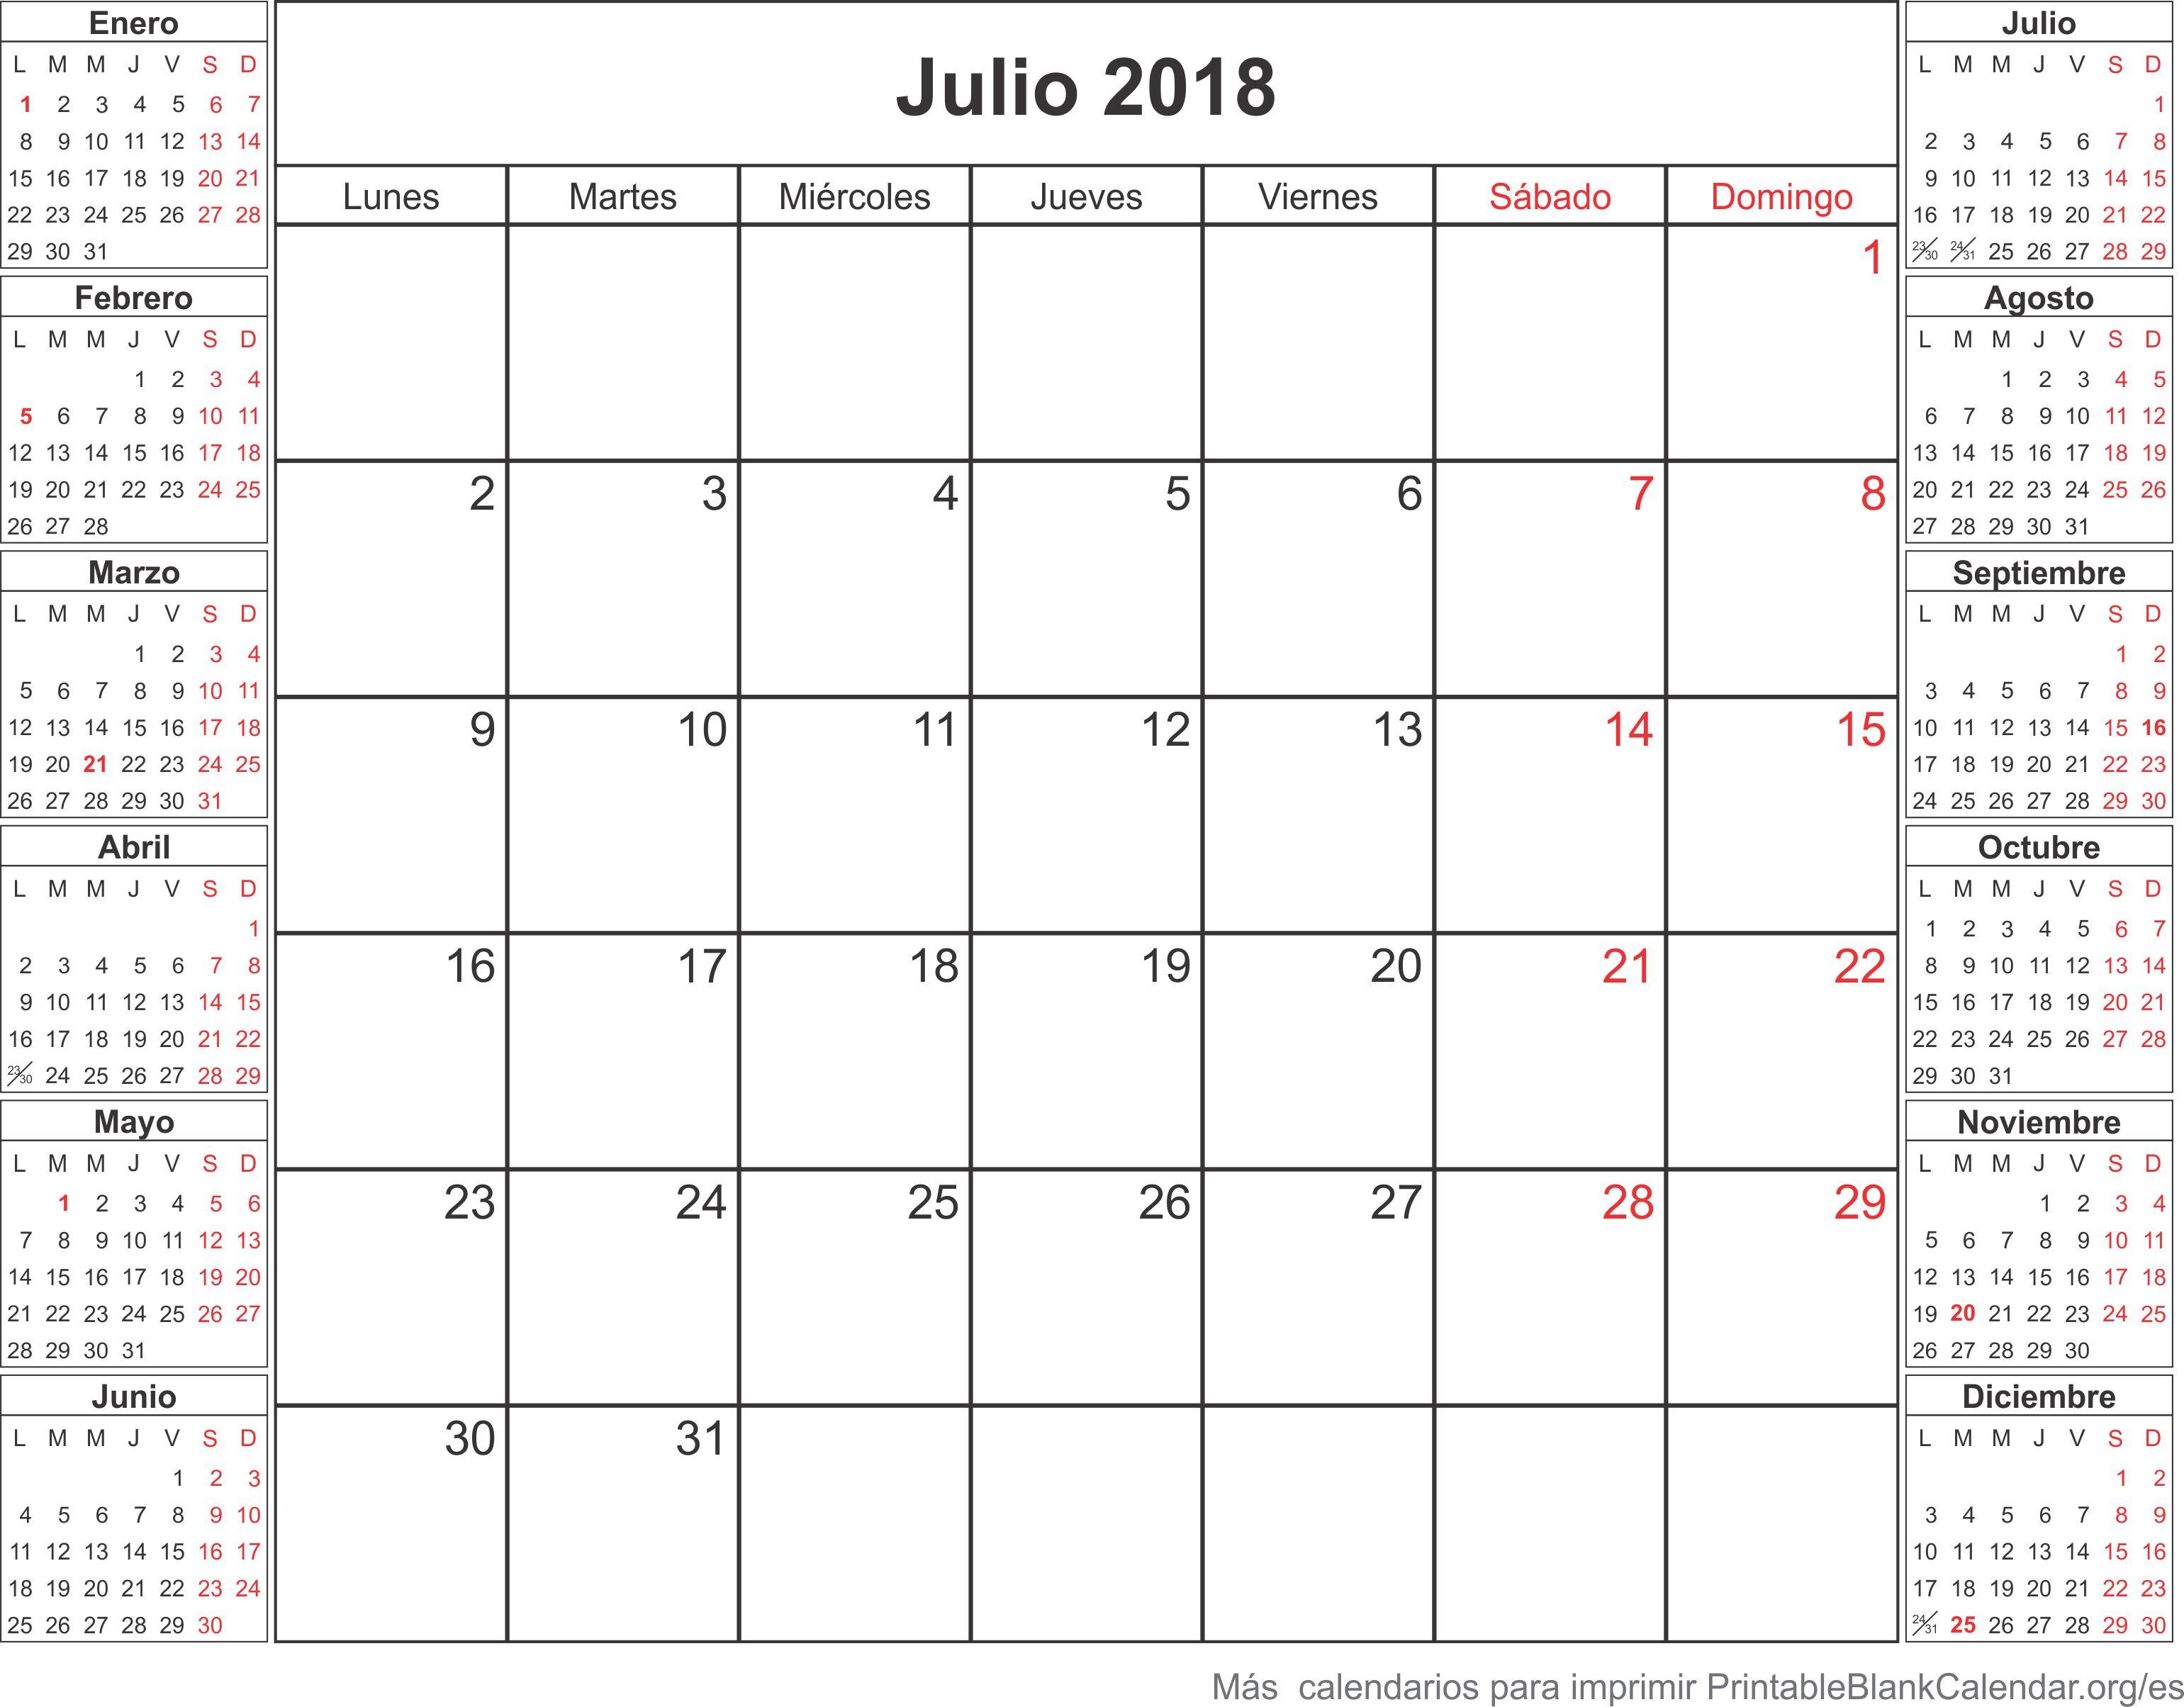 calendario para imprimir julio 2018